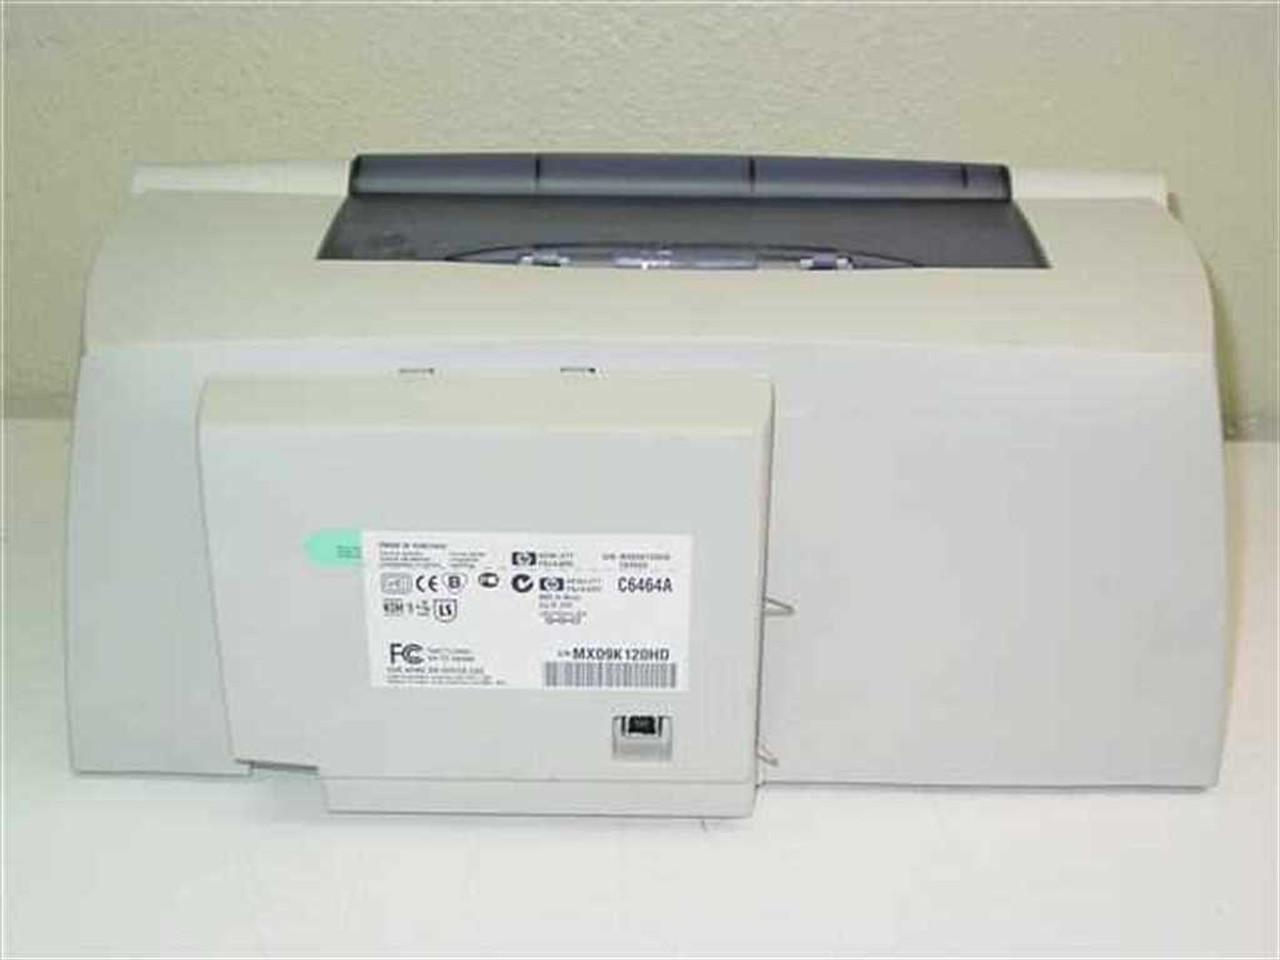 HP640C PRINTER DRIVER FOR MAC